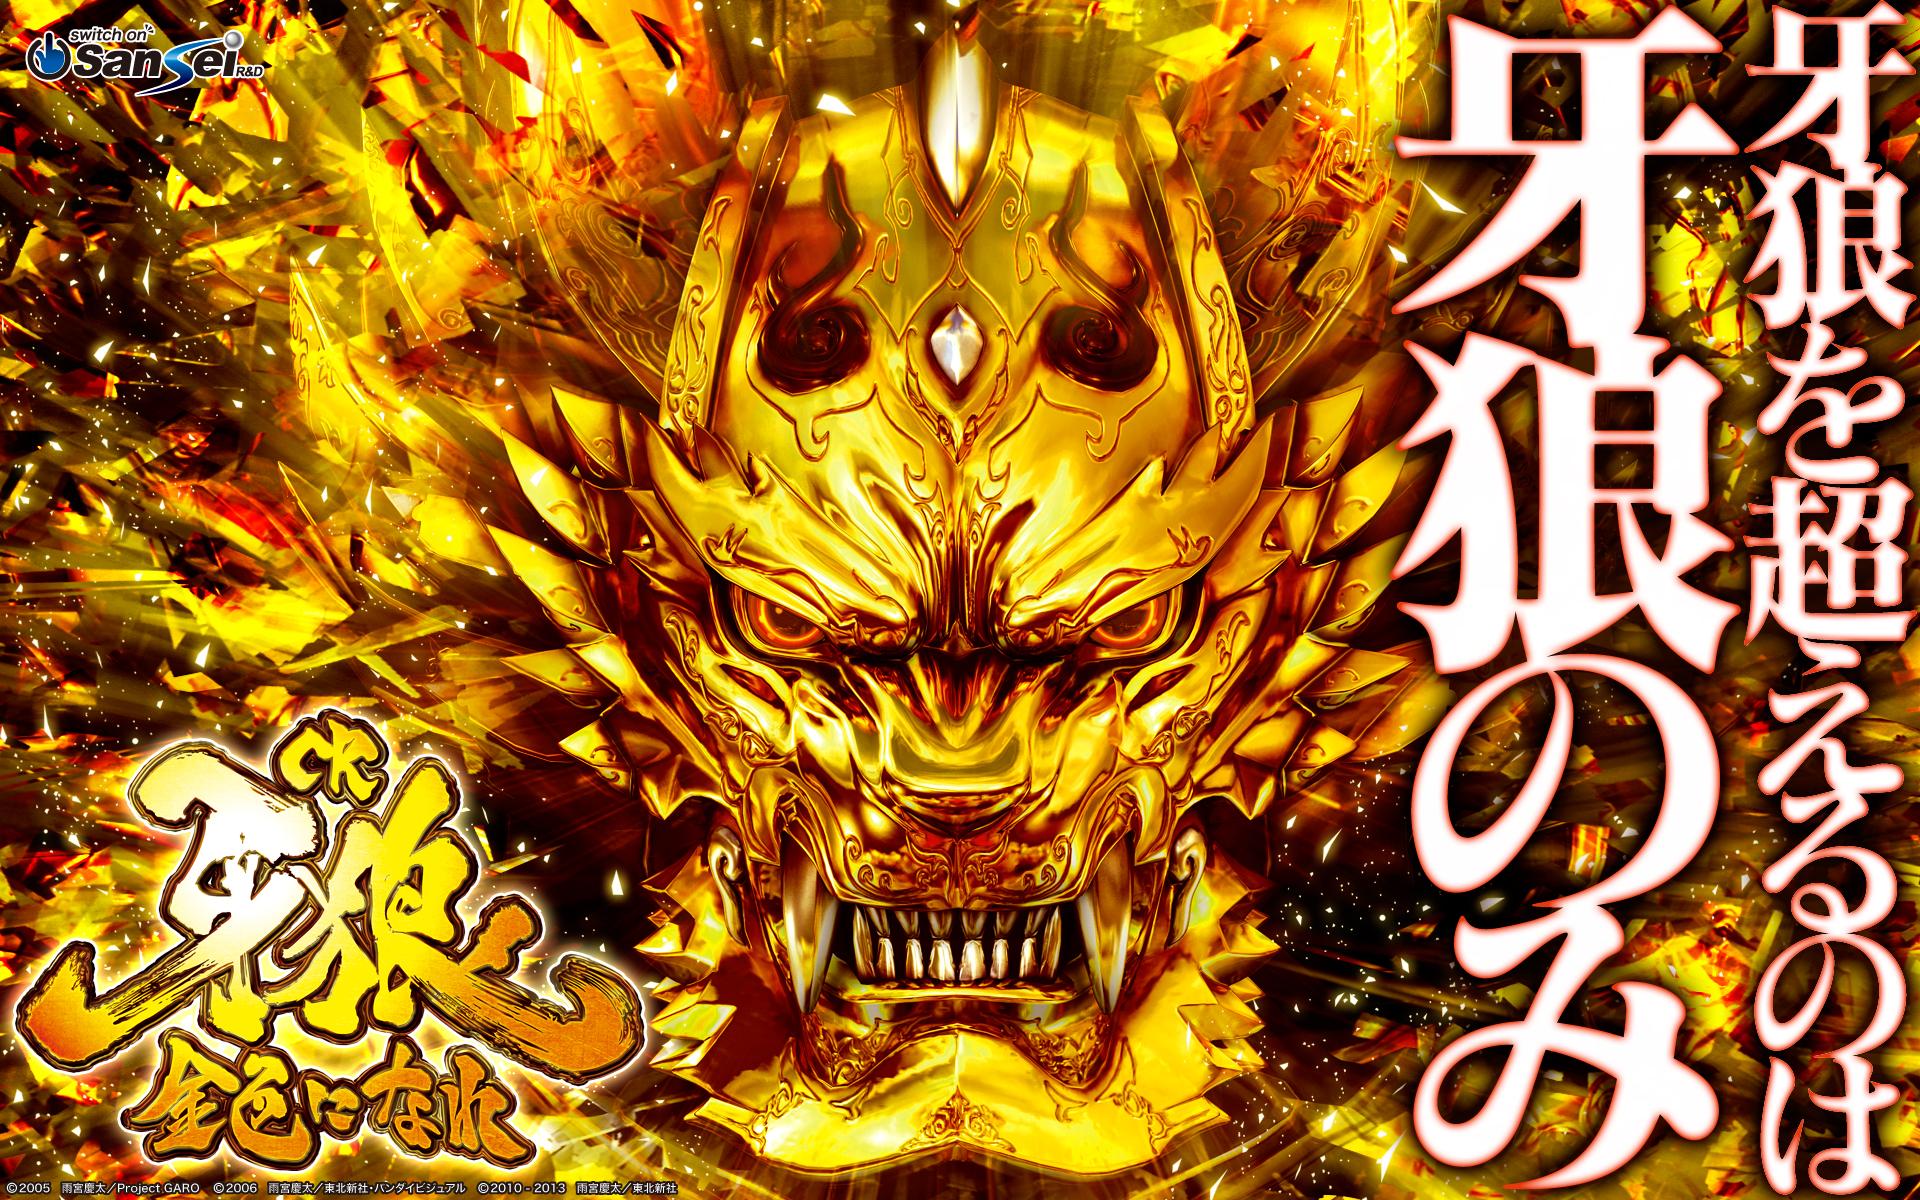 CR牙狼~金色になれ~甘デジのスペックとボーダーライン!シリーズ初の甘デジが登場!